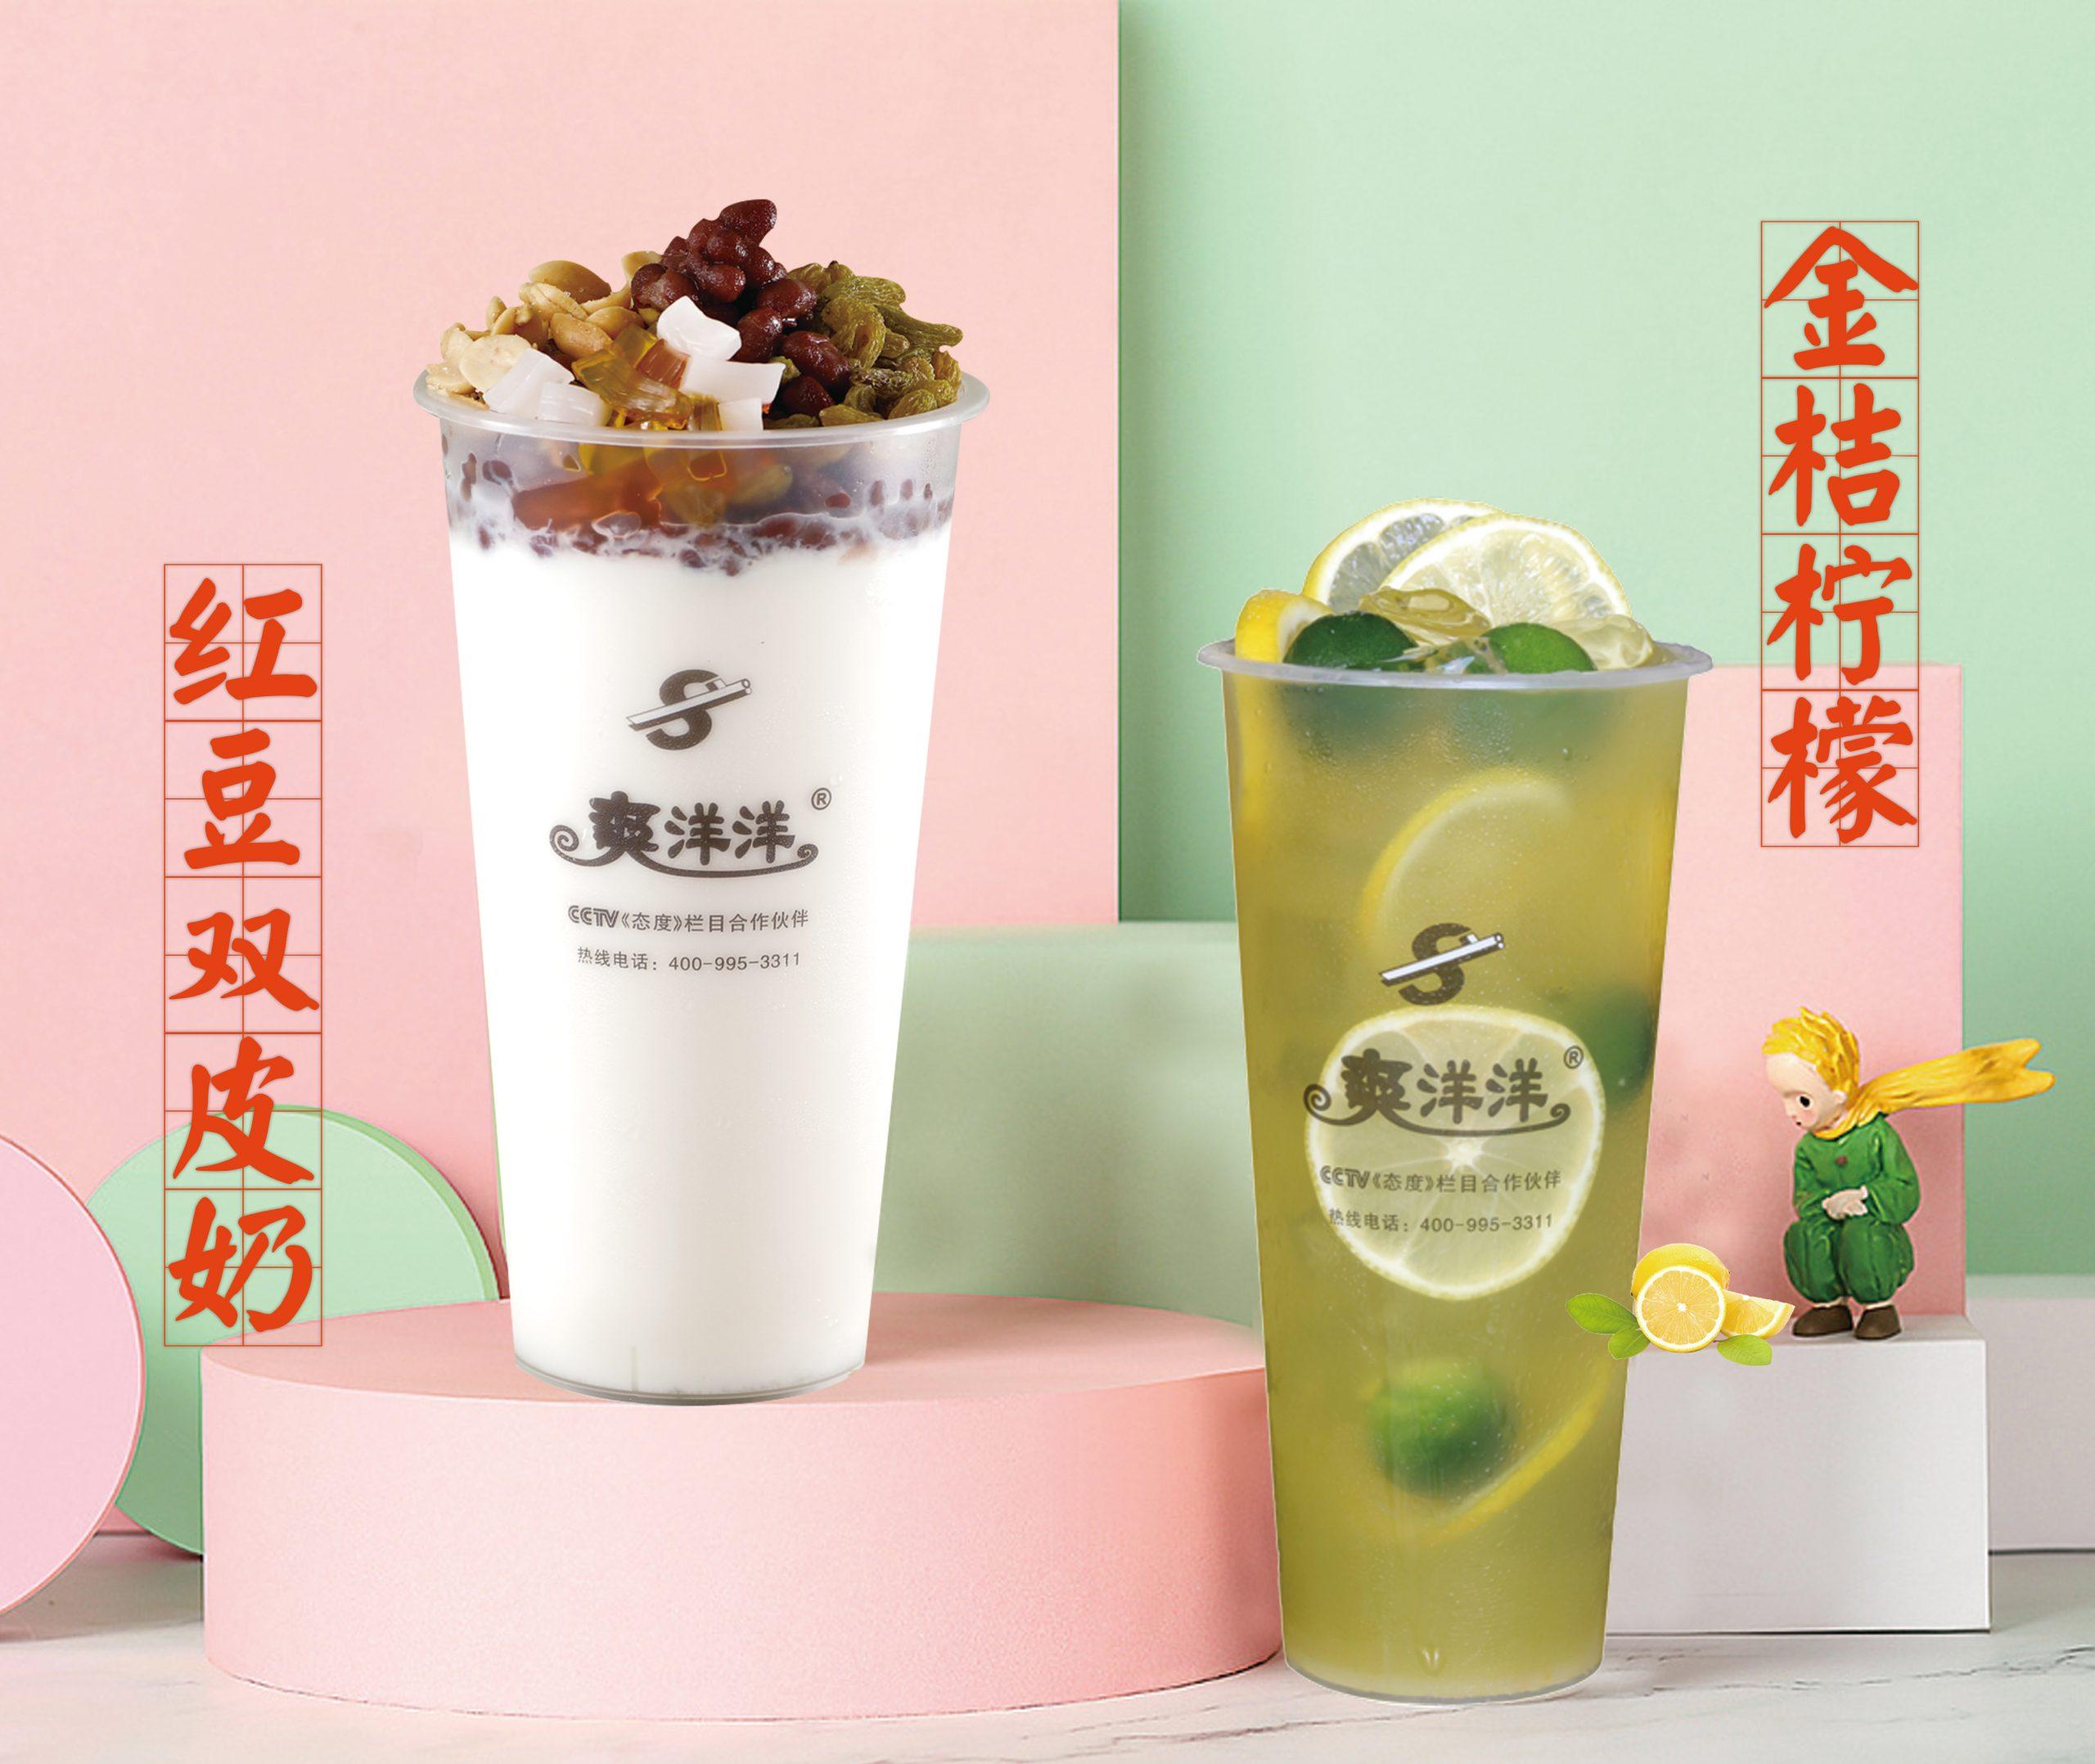 开奶茶加盟店的营销手段有哪些?